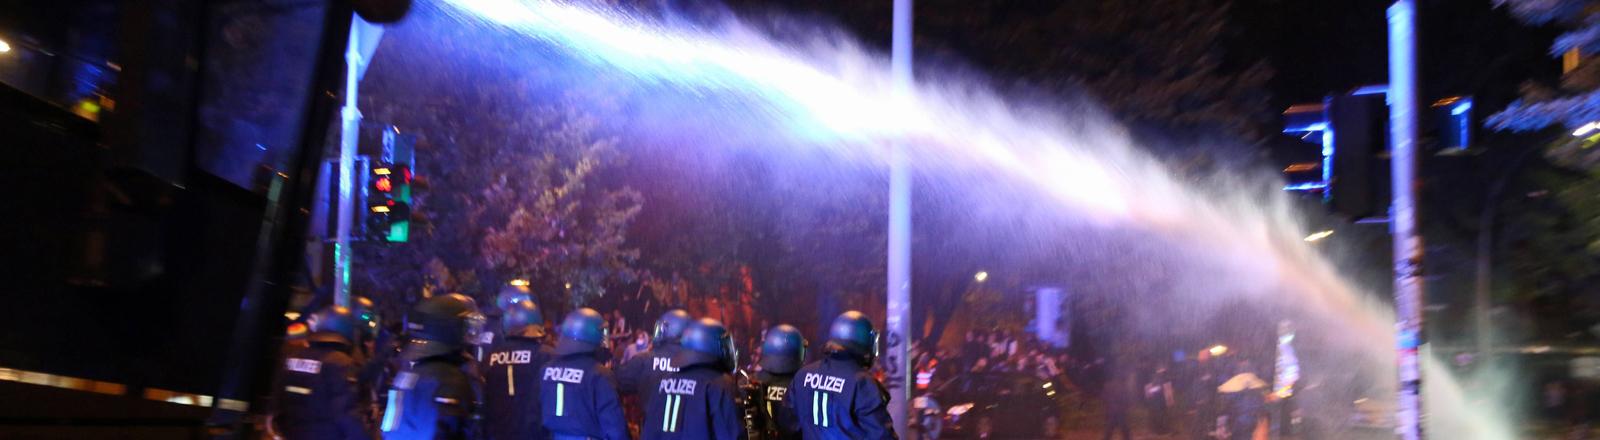 """Wasserwerfer bei der """"Welcome-to-Hell""""-Demonstration in Hamburg"""